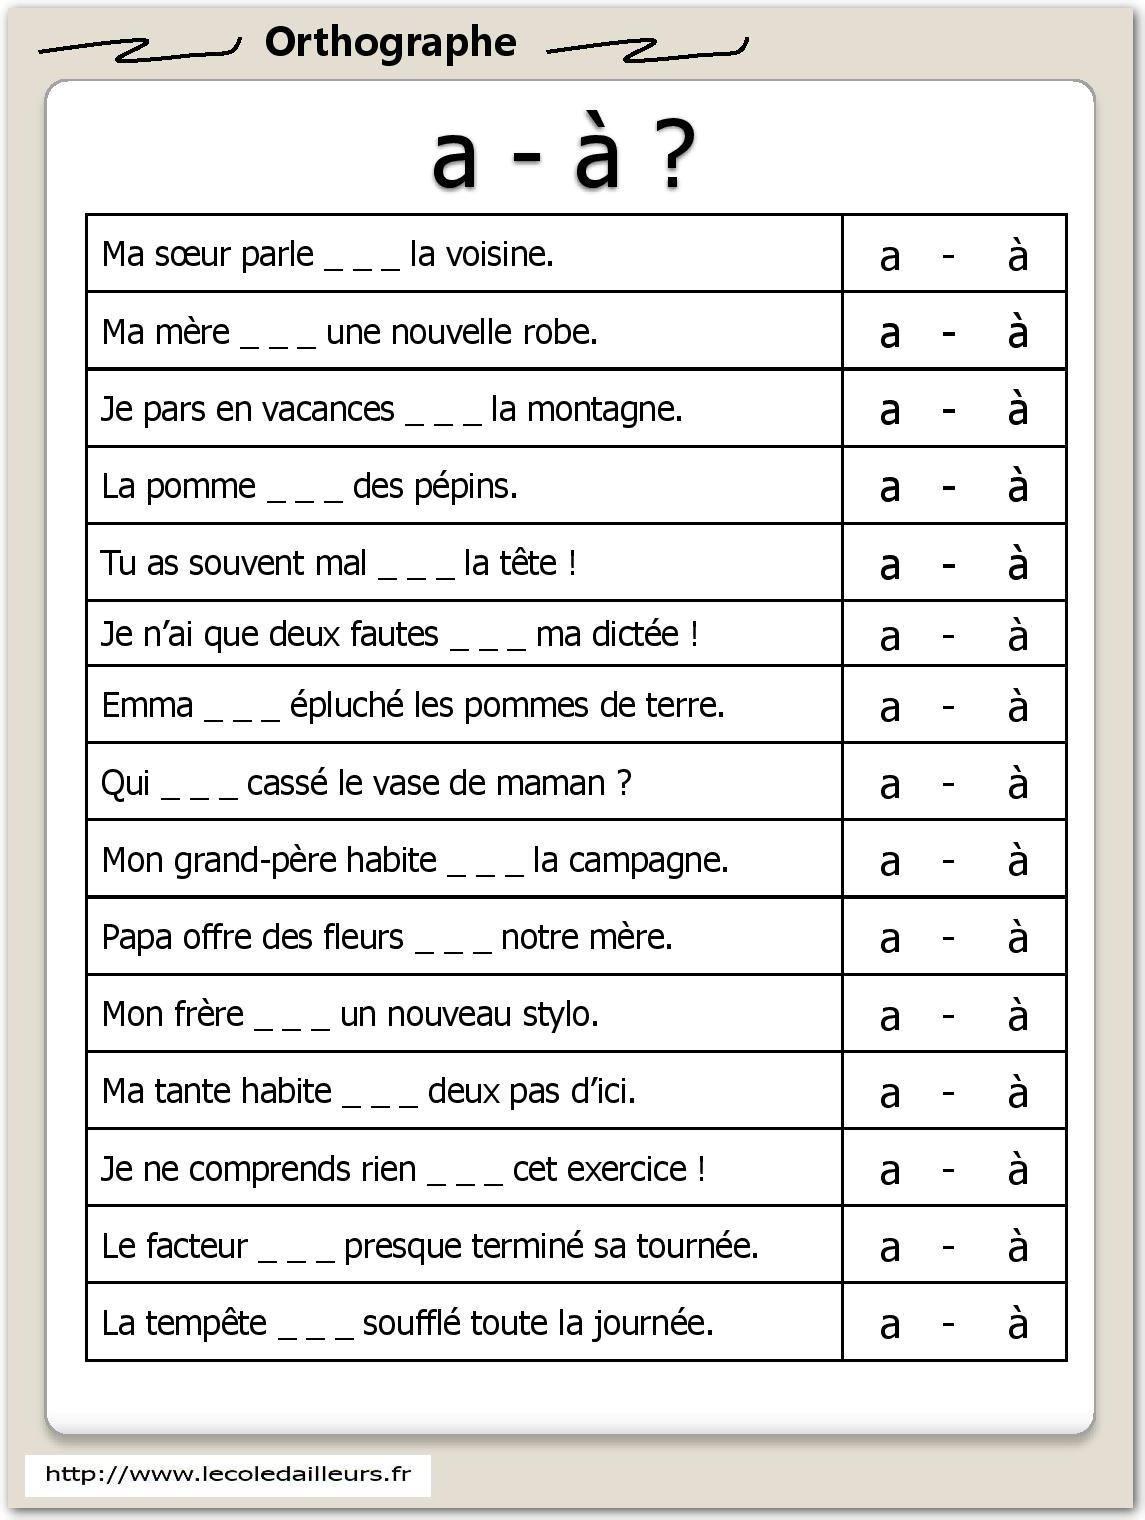 Fichier d'autonomie en orthographe - L'école d'Ailleurs ...